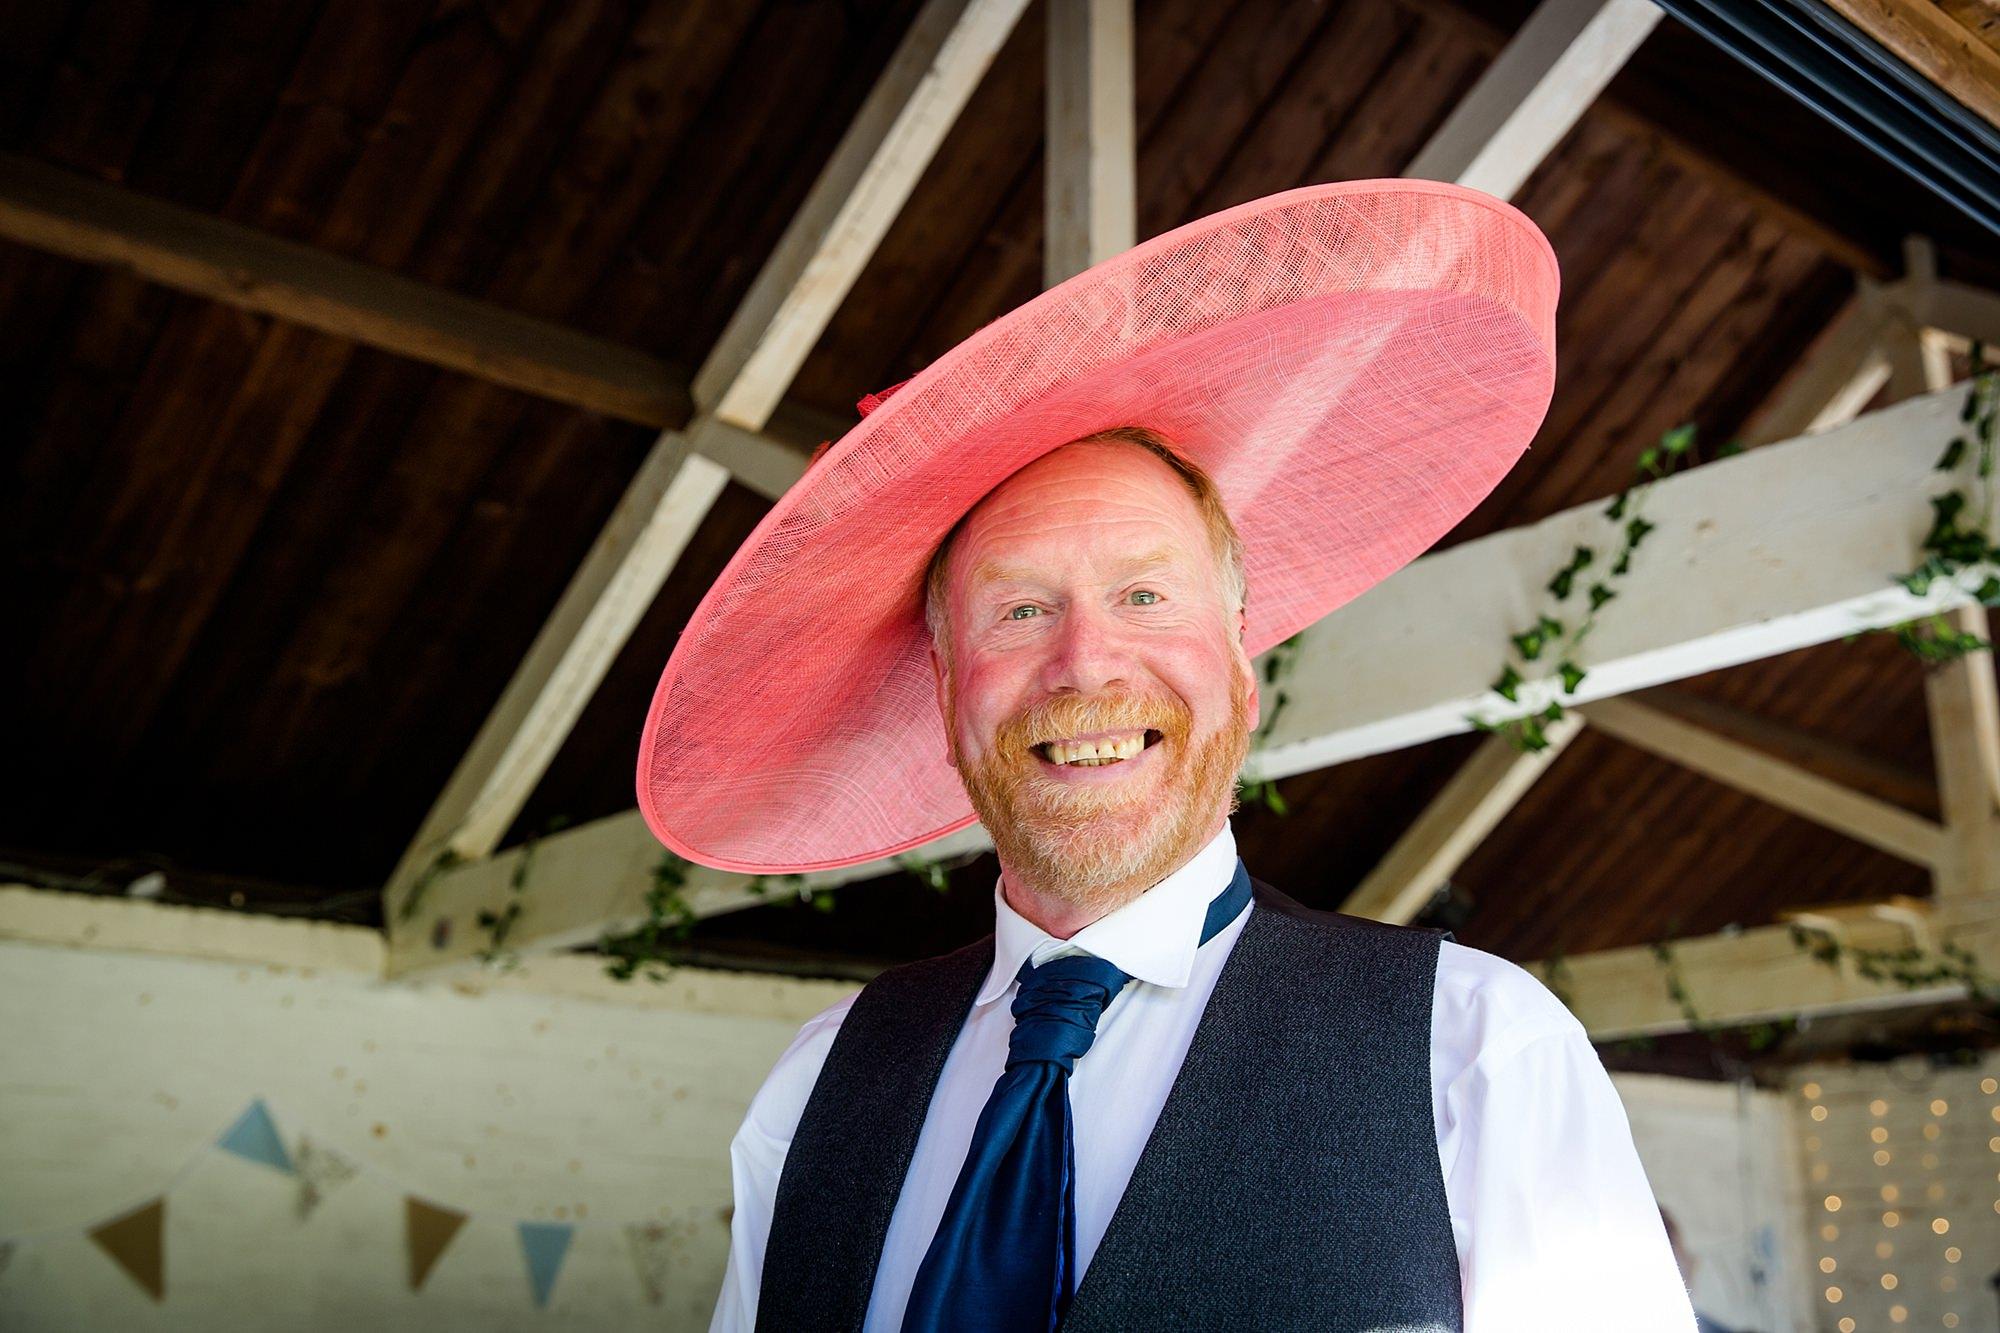 Isis Farmhouse Oxford Wedding fun portrait of father of bride in fancy wedding hat